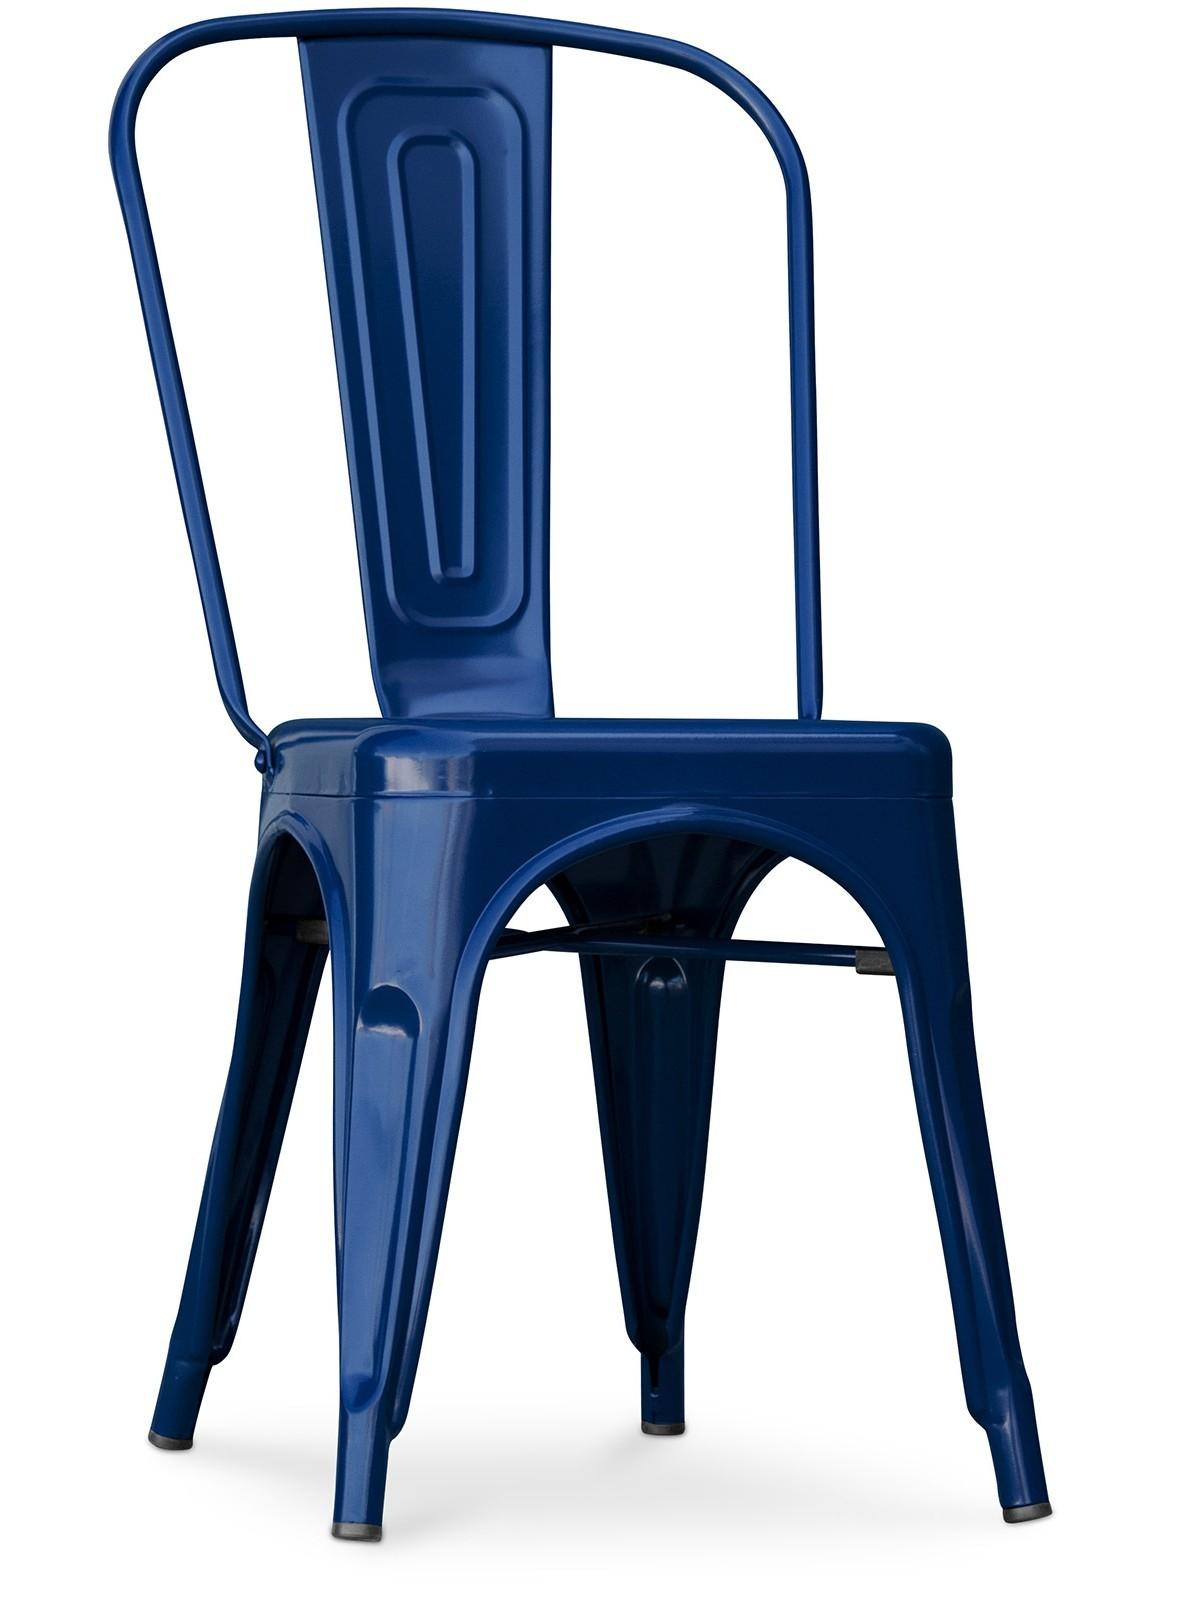 chaise industrielle acier bleu fonc brillant tolix lot. Black Bedroom Furniture Sets. Home Design Ideas